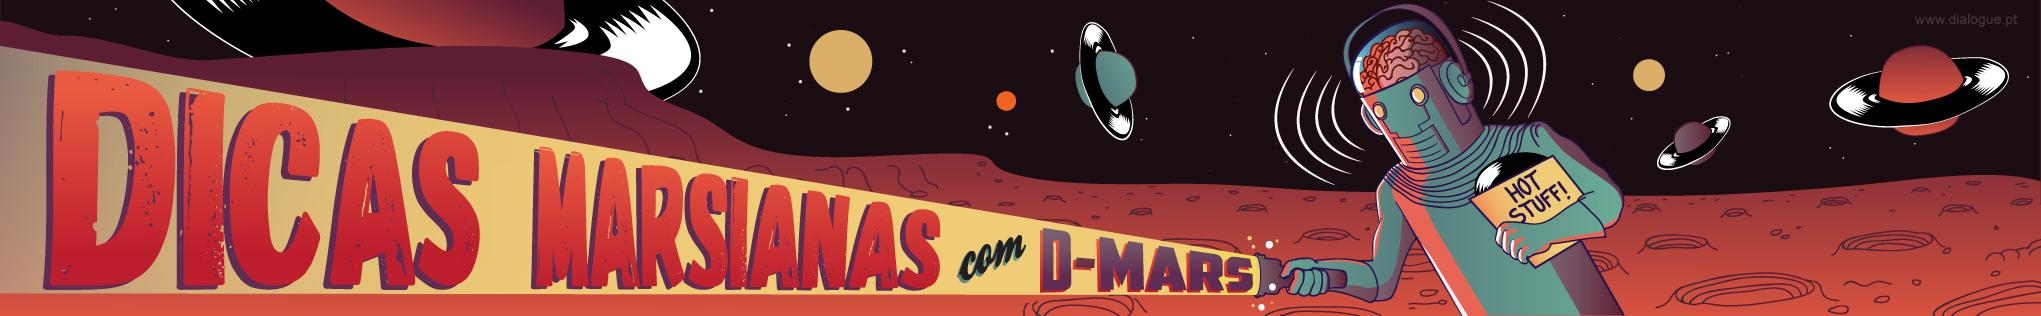 dicas_marsianas_banner